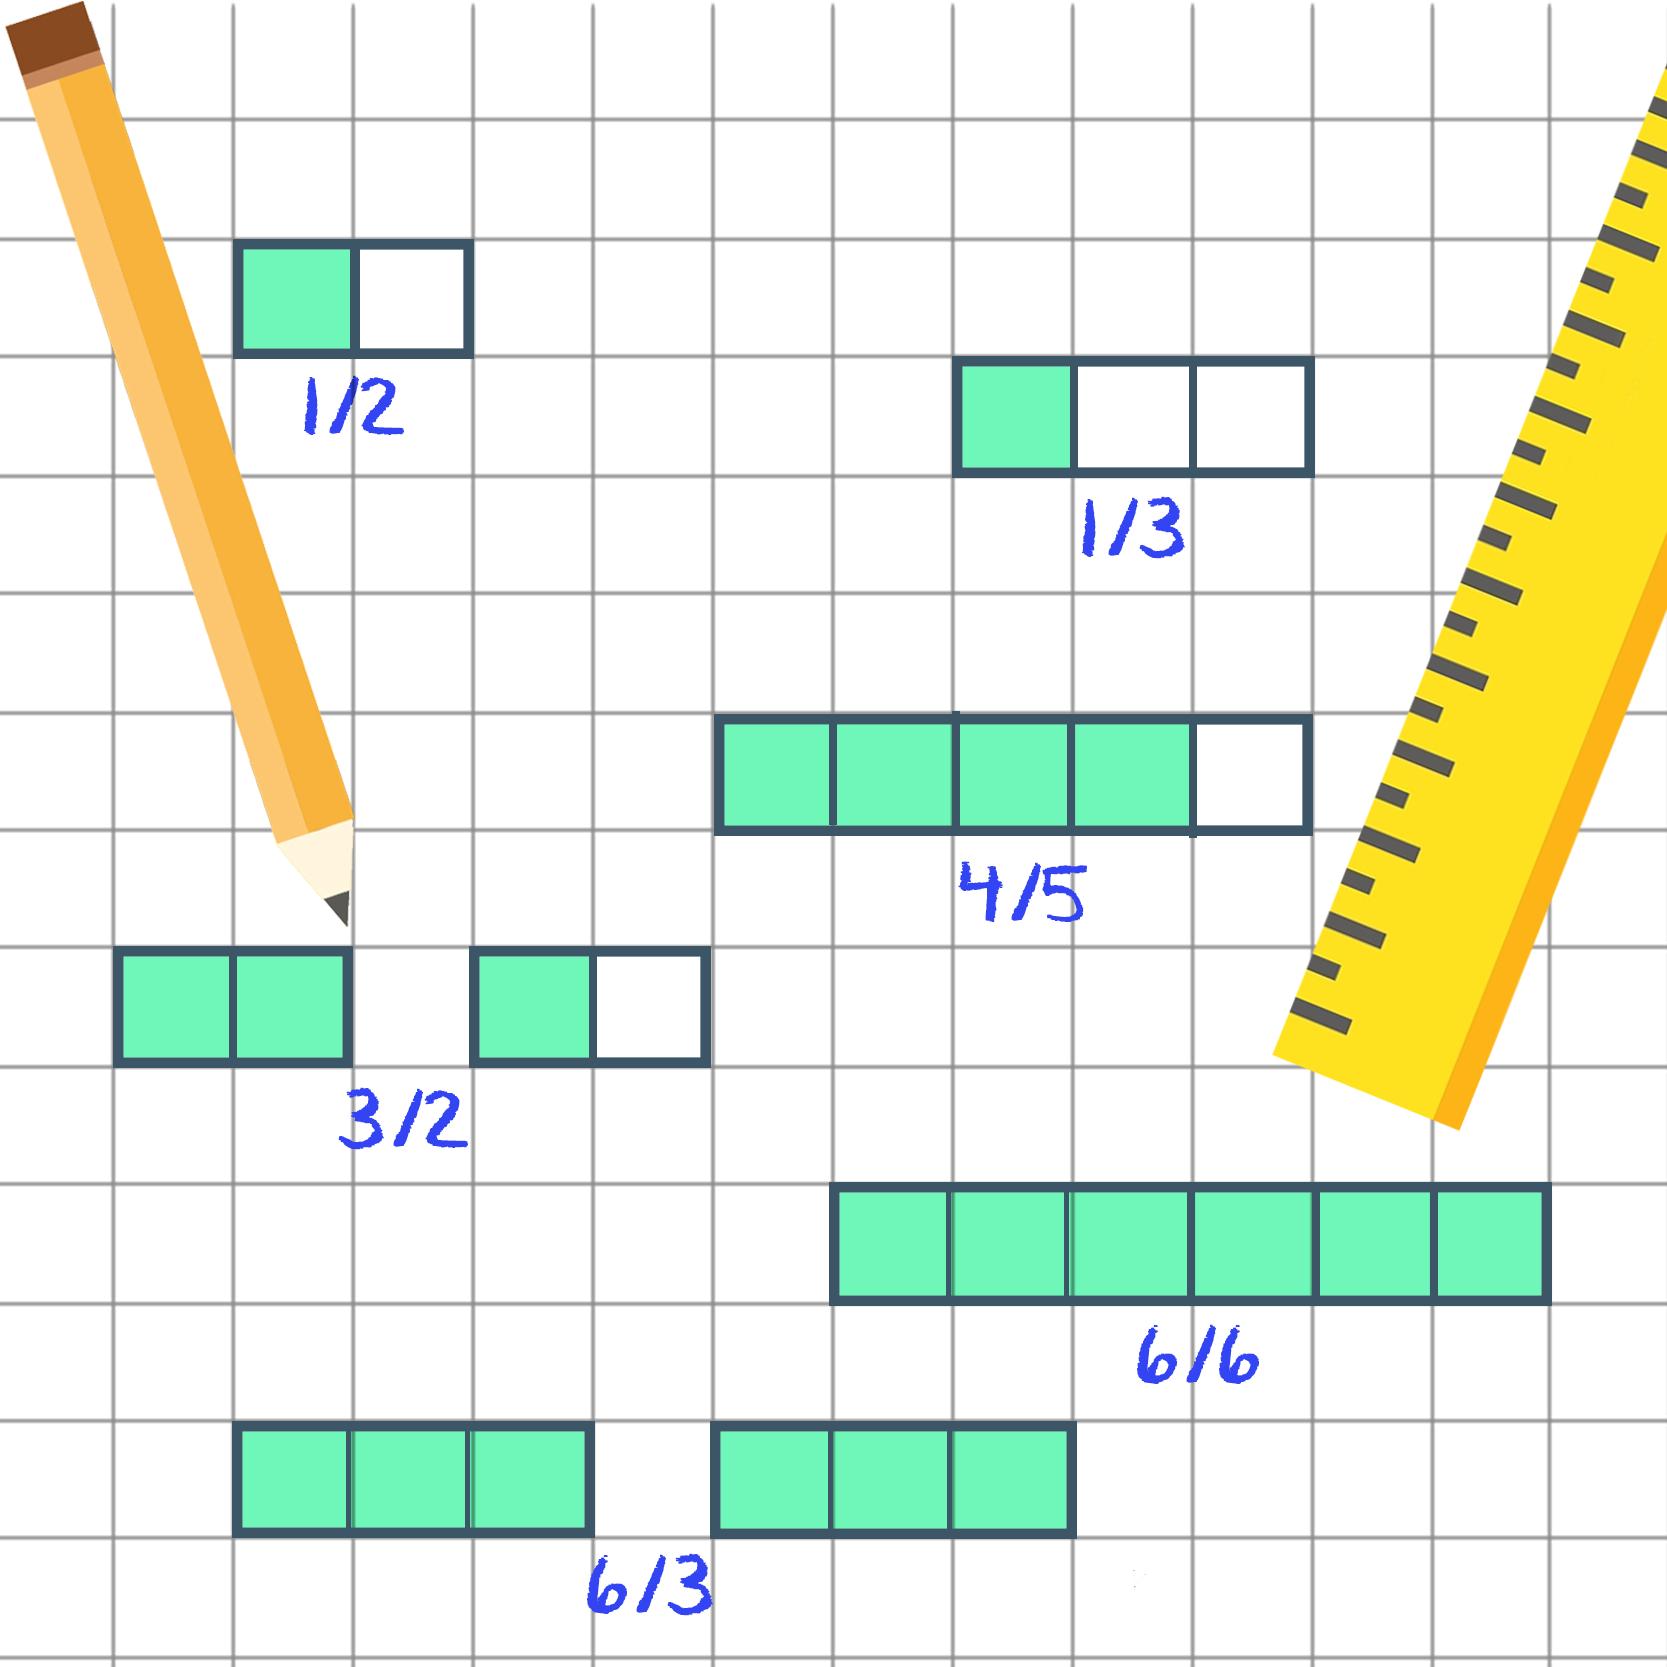 papel milimetrado onde são desenhados alguns tipos de frações